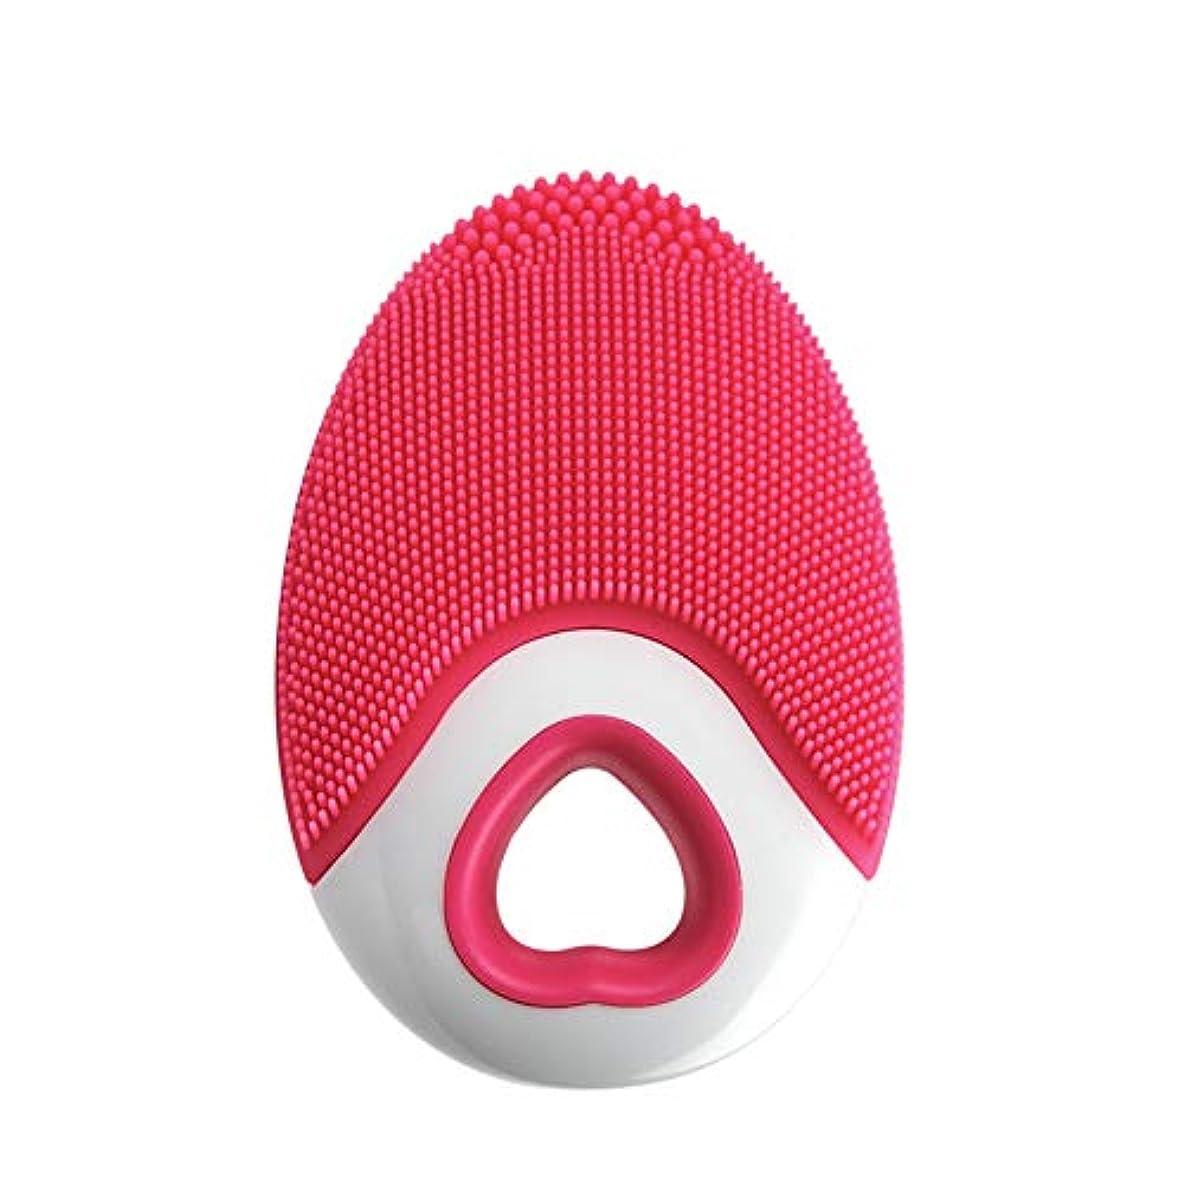 反動継承コンプリートAylincool   1ピースシリコンフェイスクレンザーブラシ超音波ディープクリーニング防水ワイヤレス充電